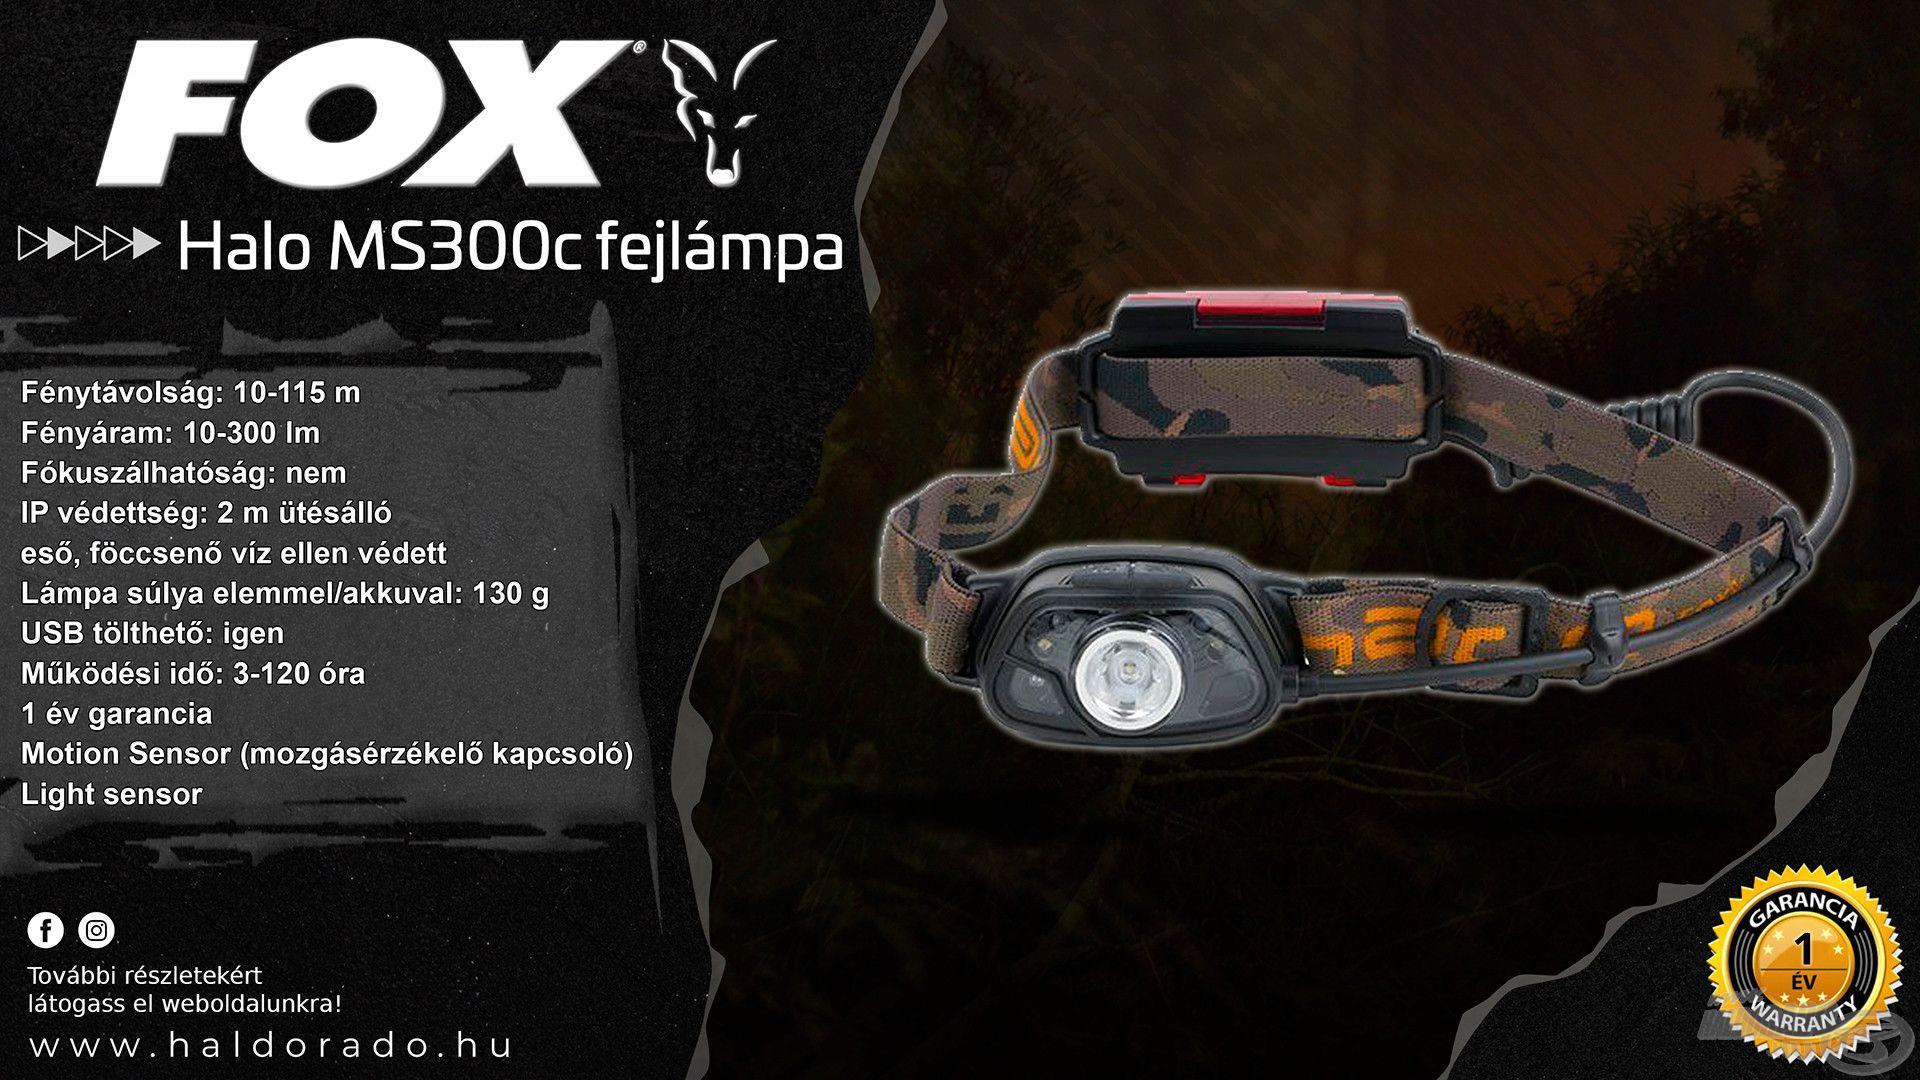 A Halo MS300c fejlámpa a legújabb, legmodernebb FOX típusok egyike, mely számos remek tulajdonsággal rendelkezik